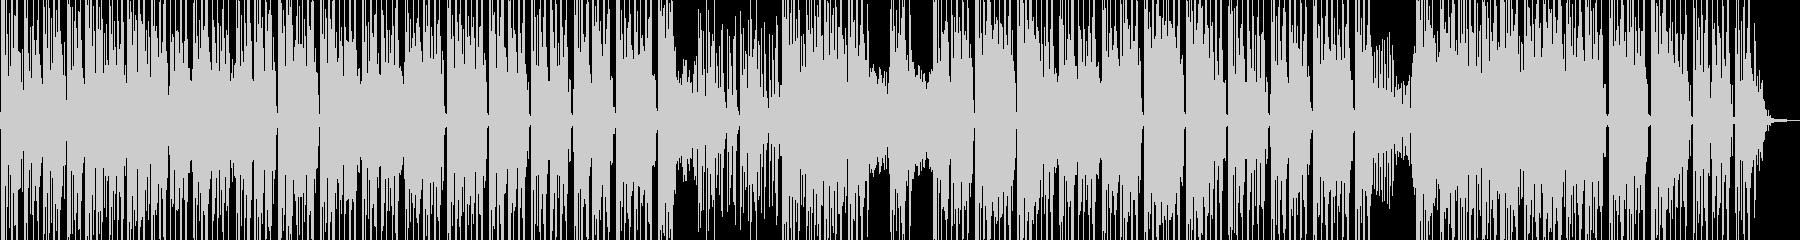 エジプト・エスニックR&Bポップ Lの未再生の波形